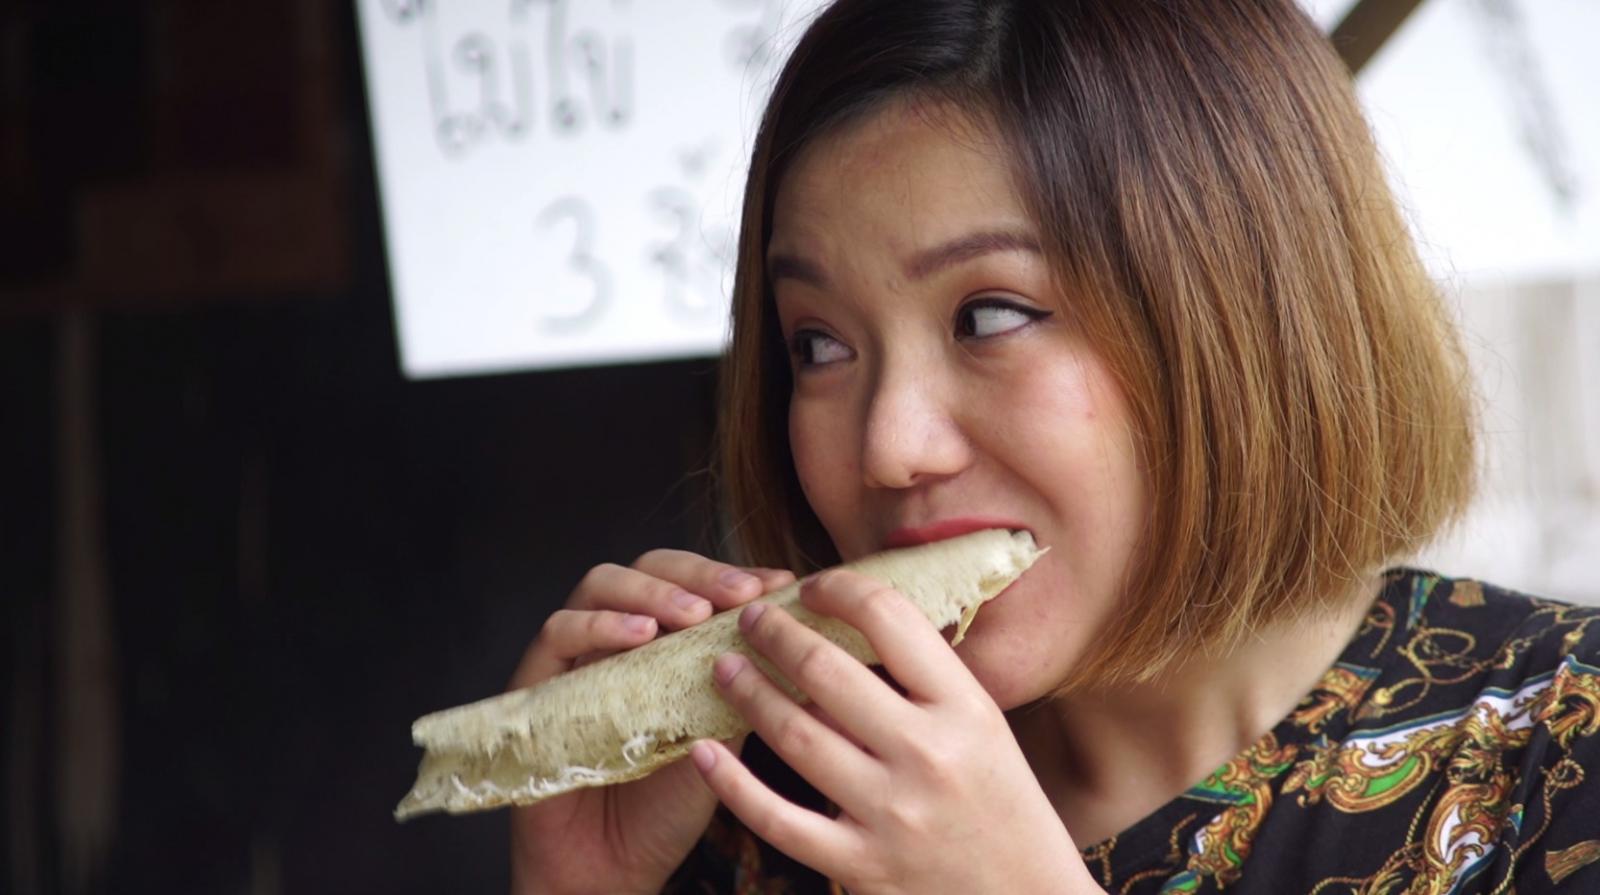 """กลับมาอีกครั้ง!  """"วัฒนธรรมยั่วน้ำลาย ซีซั่น 2""""  สุดยอดรายการสารคดีเจาะลึกเรื่องกินทุกมุมโลก"""